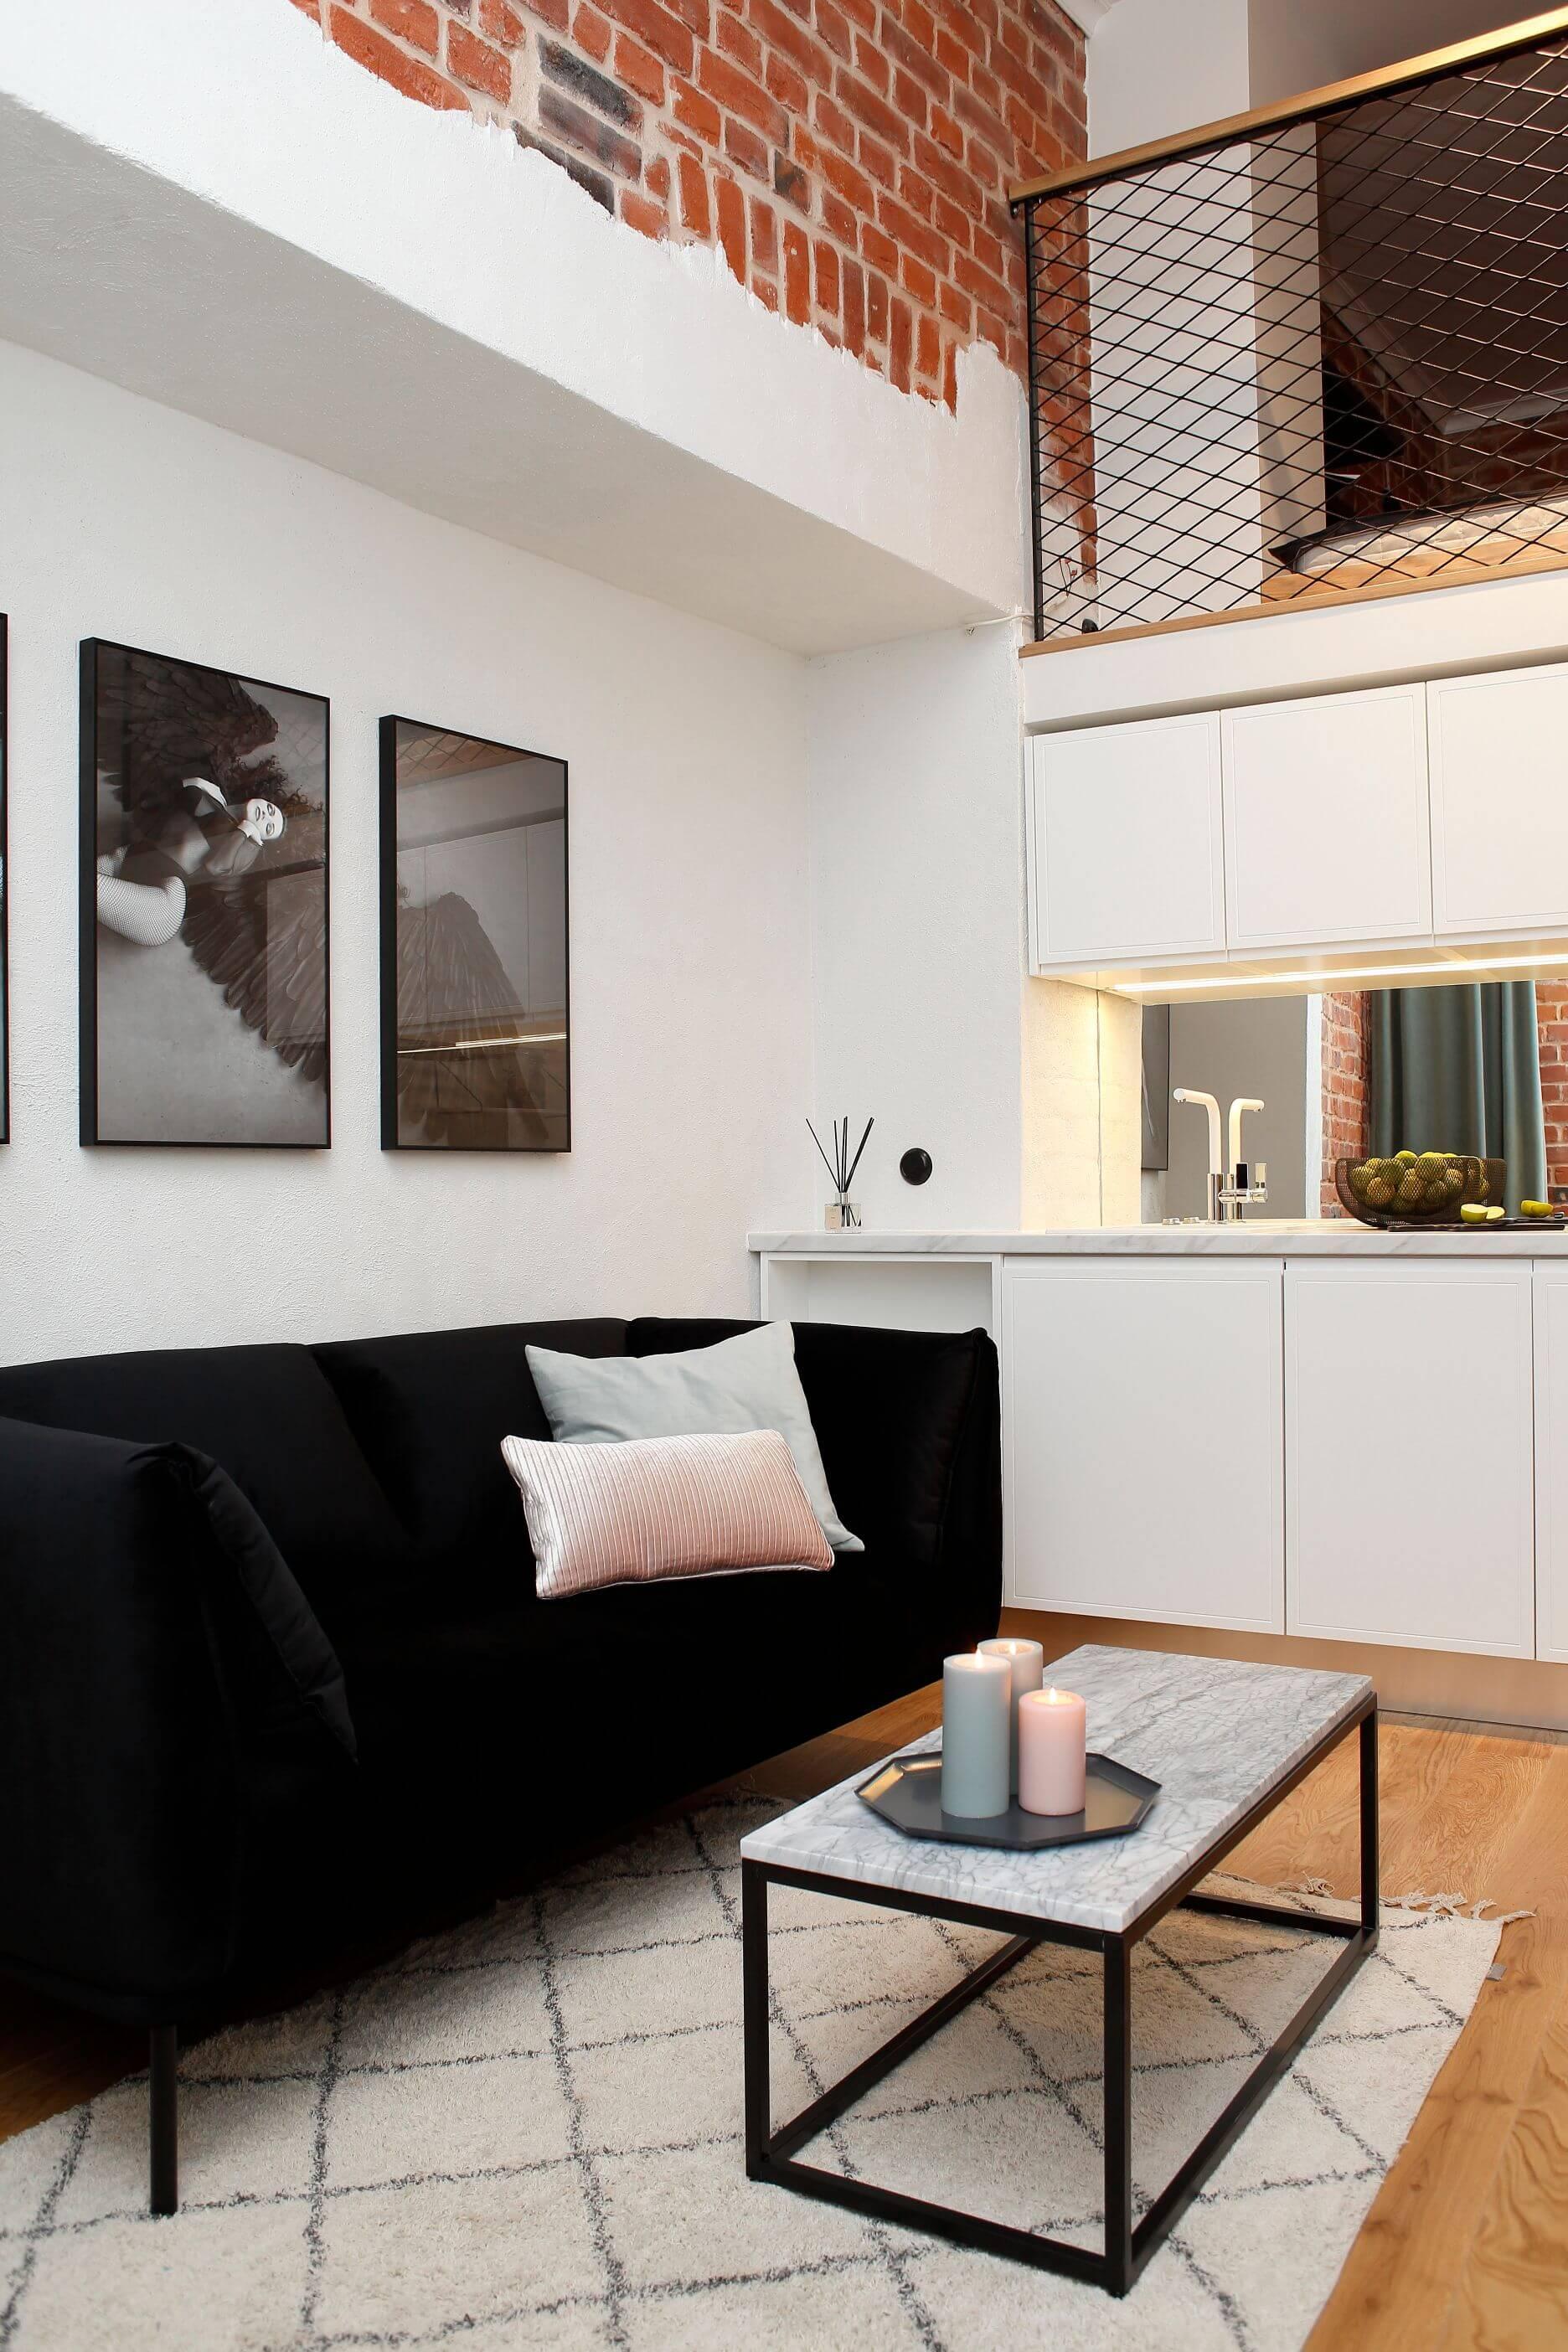 Treimann diivan, Sisustusproff eritellimus köök, BPK segisti, Funktsionaalne loft, minikorter kaunis Avangard hoones